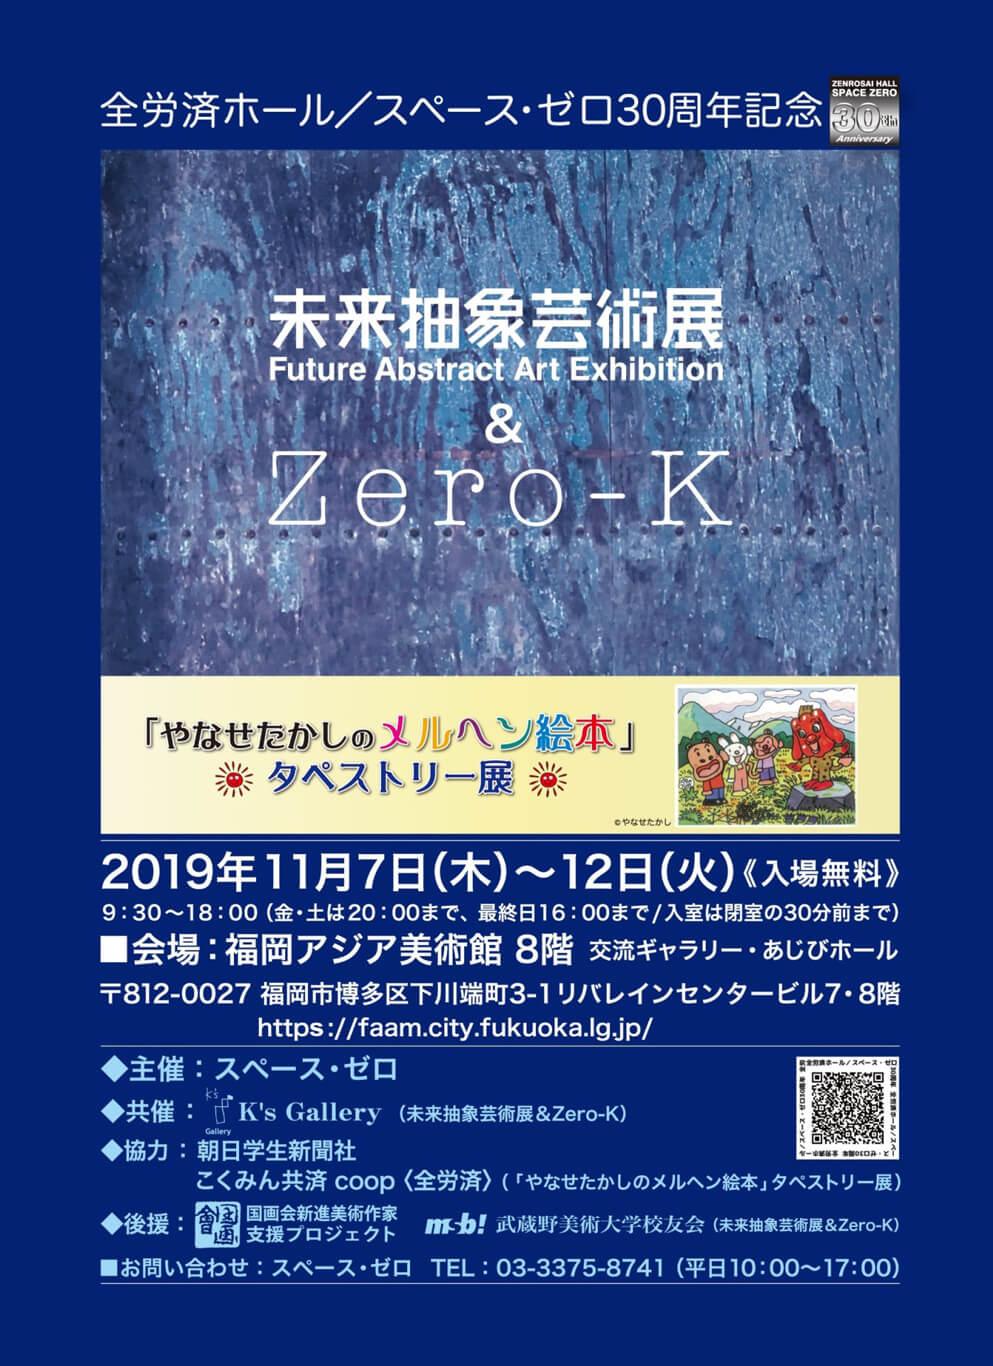 faam-201910-未来抽象芸術展1